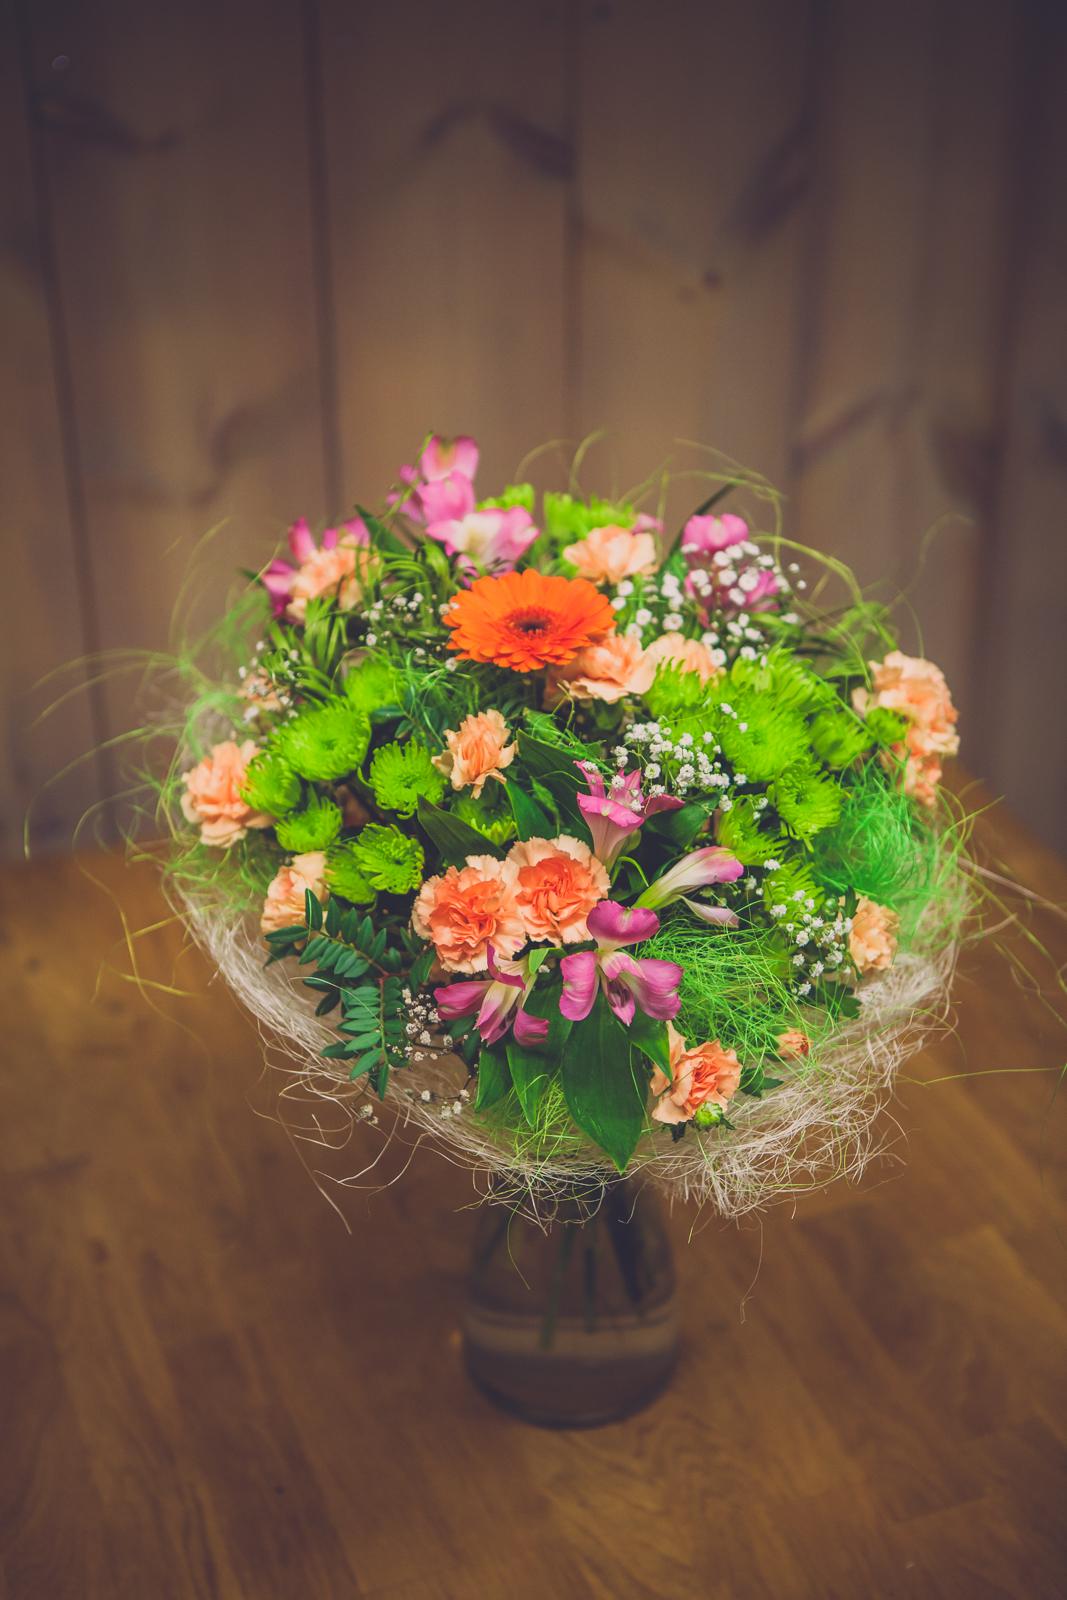 Helgeid soove 3 jardin lilled for Jardin lilled